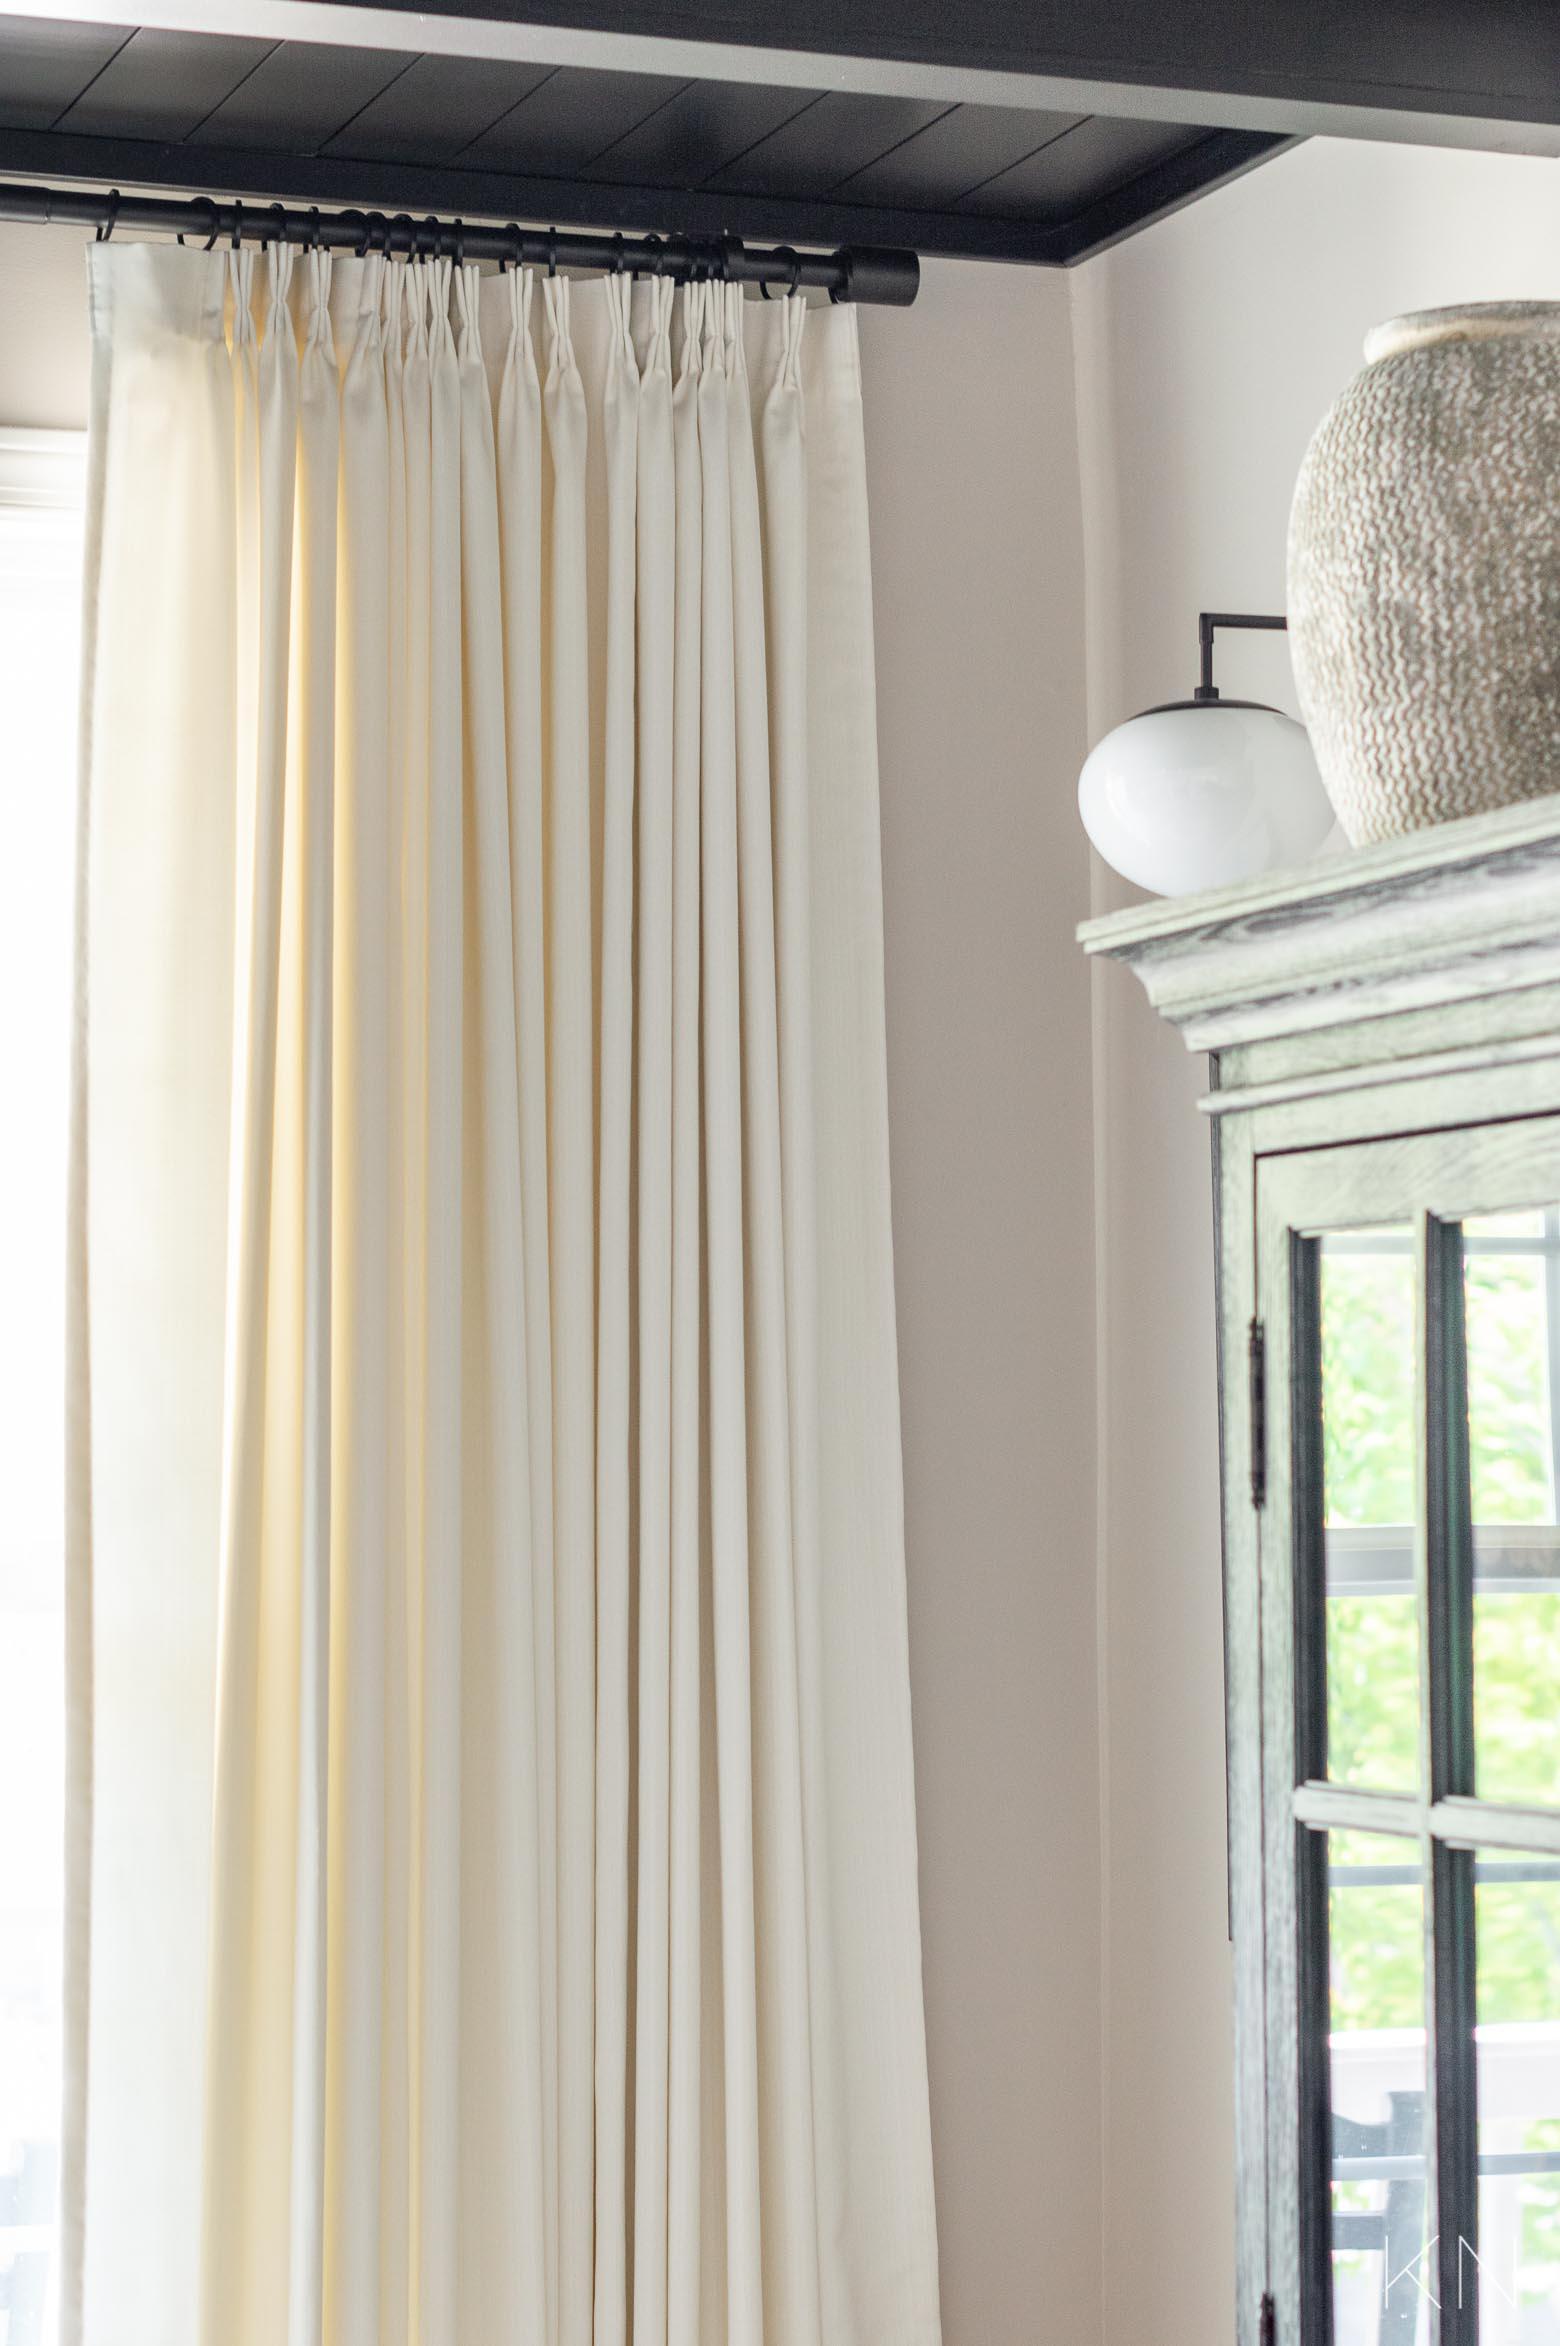 Modern West Elm Curtain Rod -- Best Extra Long Sleek Curtain Rod for Custom Drapes